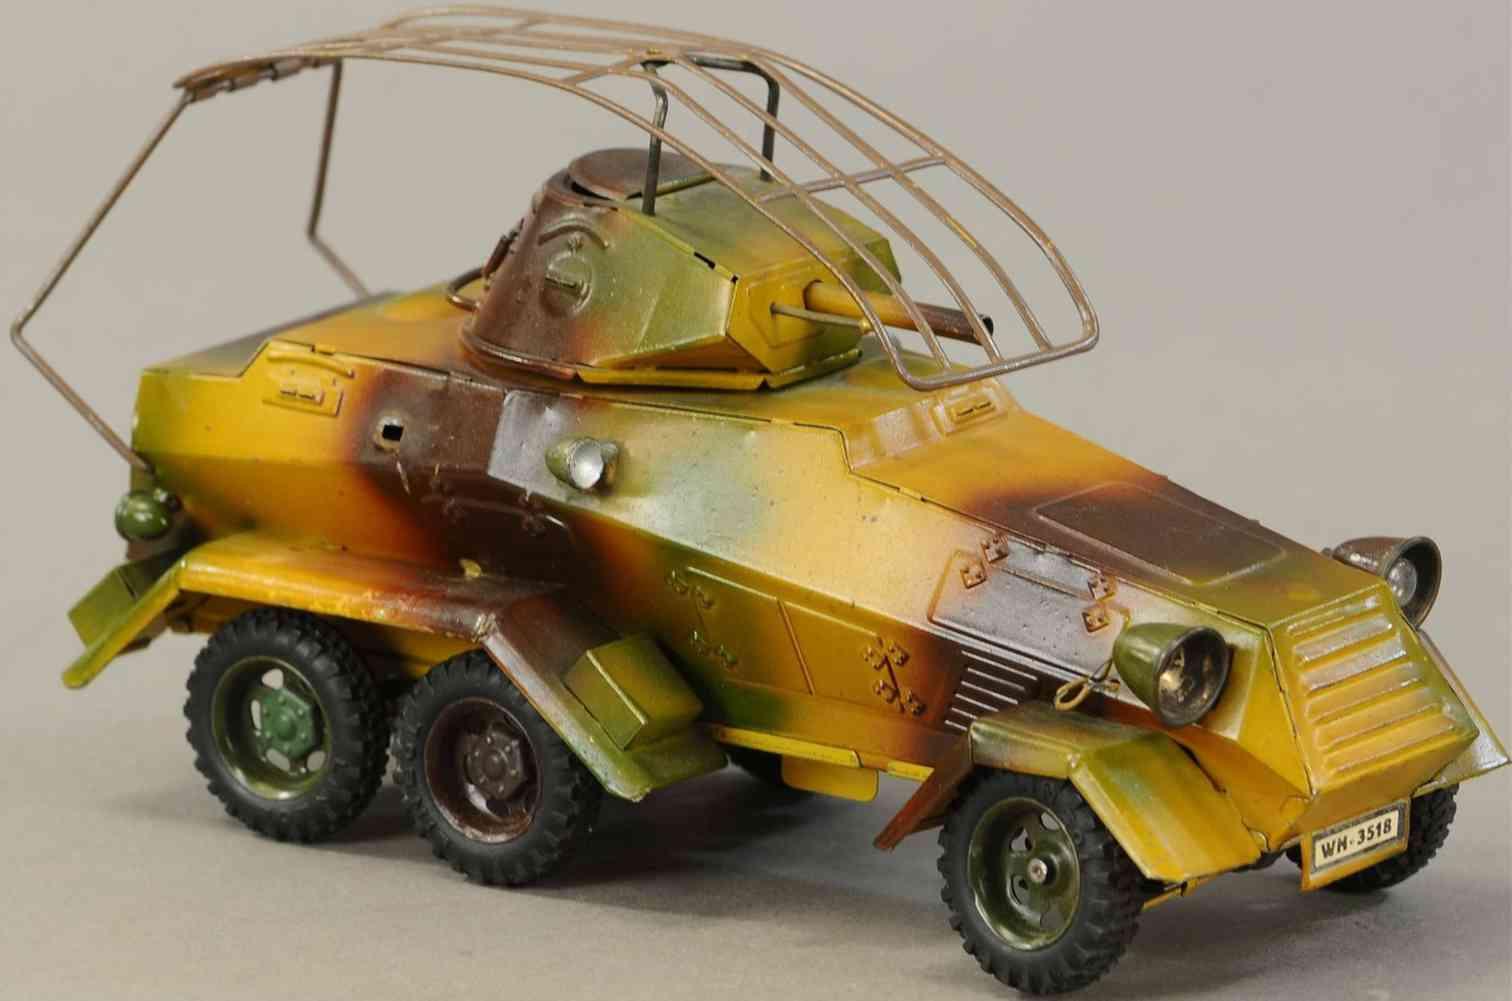 lineol wh-3518 militaer spielzeug auto panzerwagen mit sechs raedern